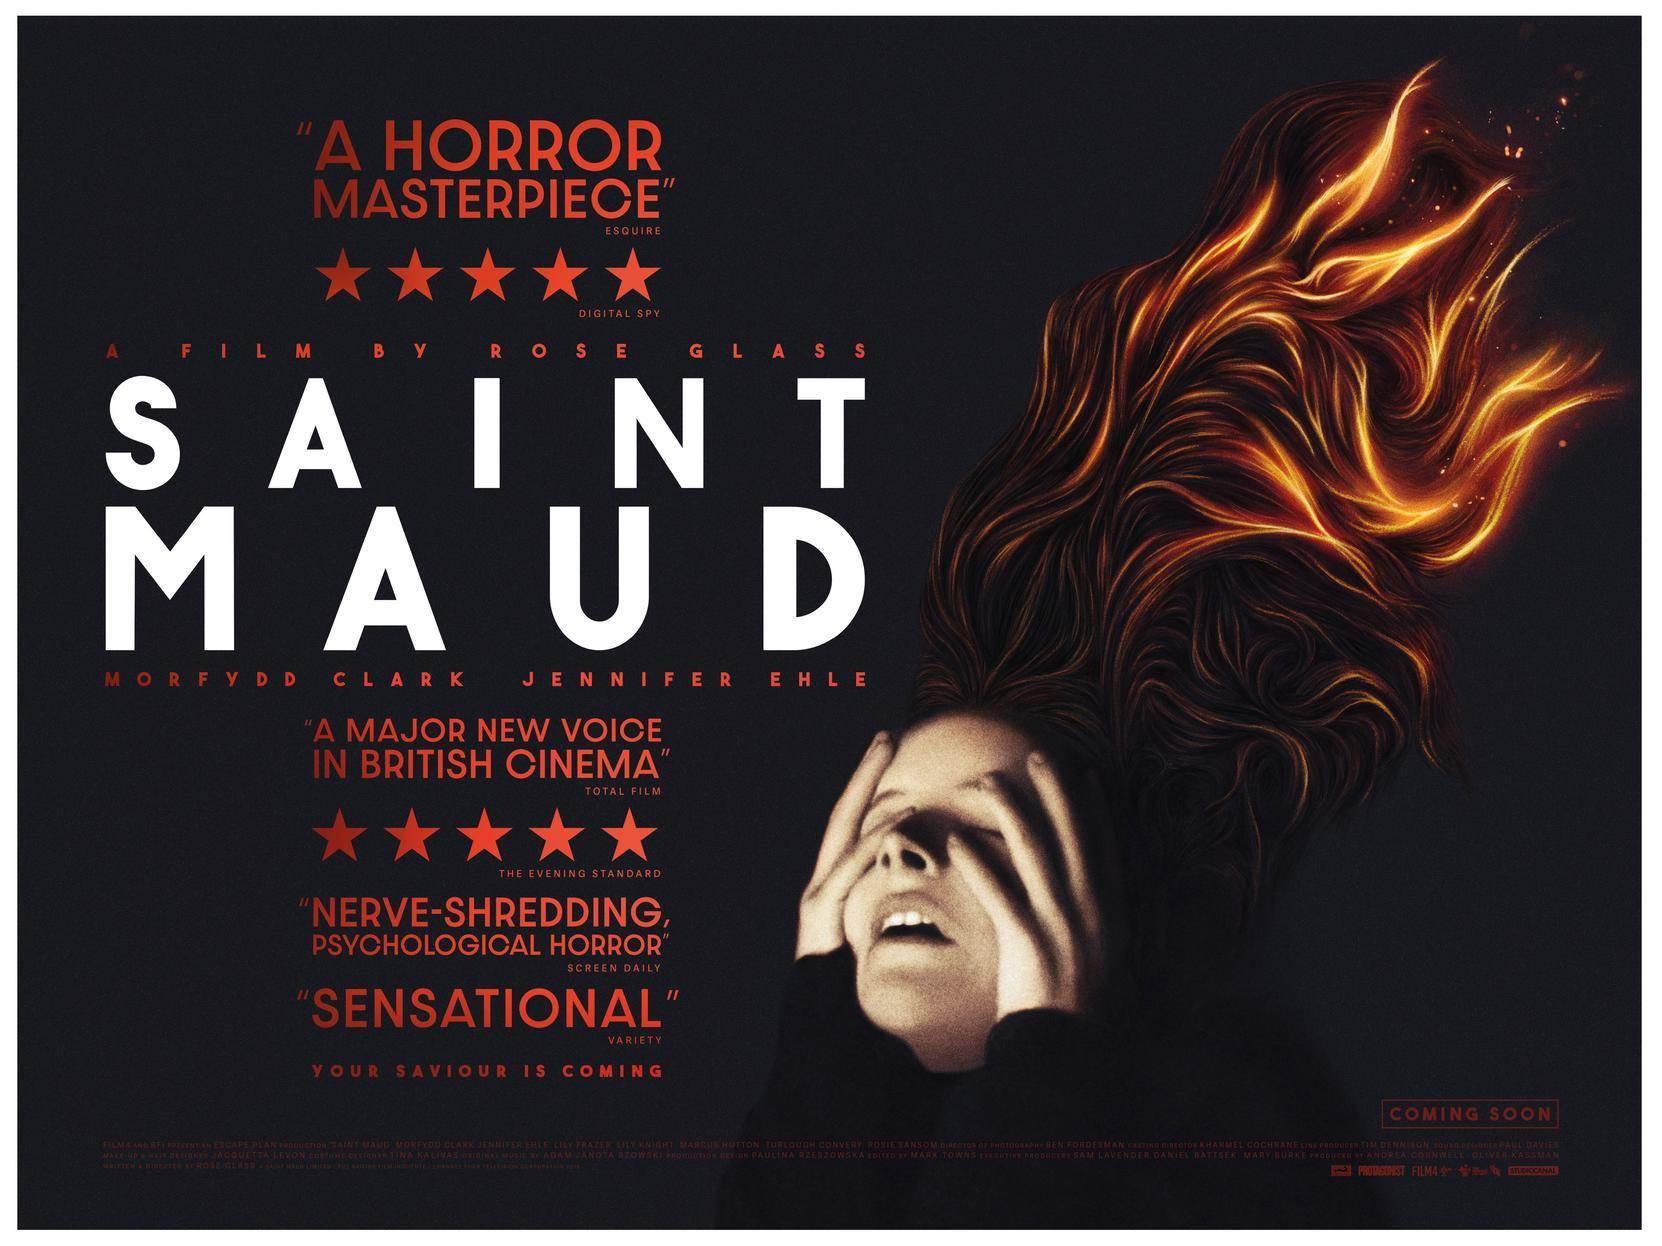 saint-maud-movie